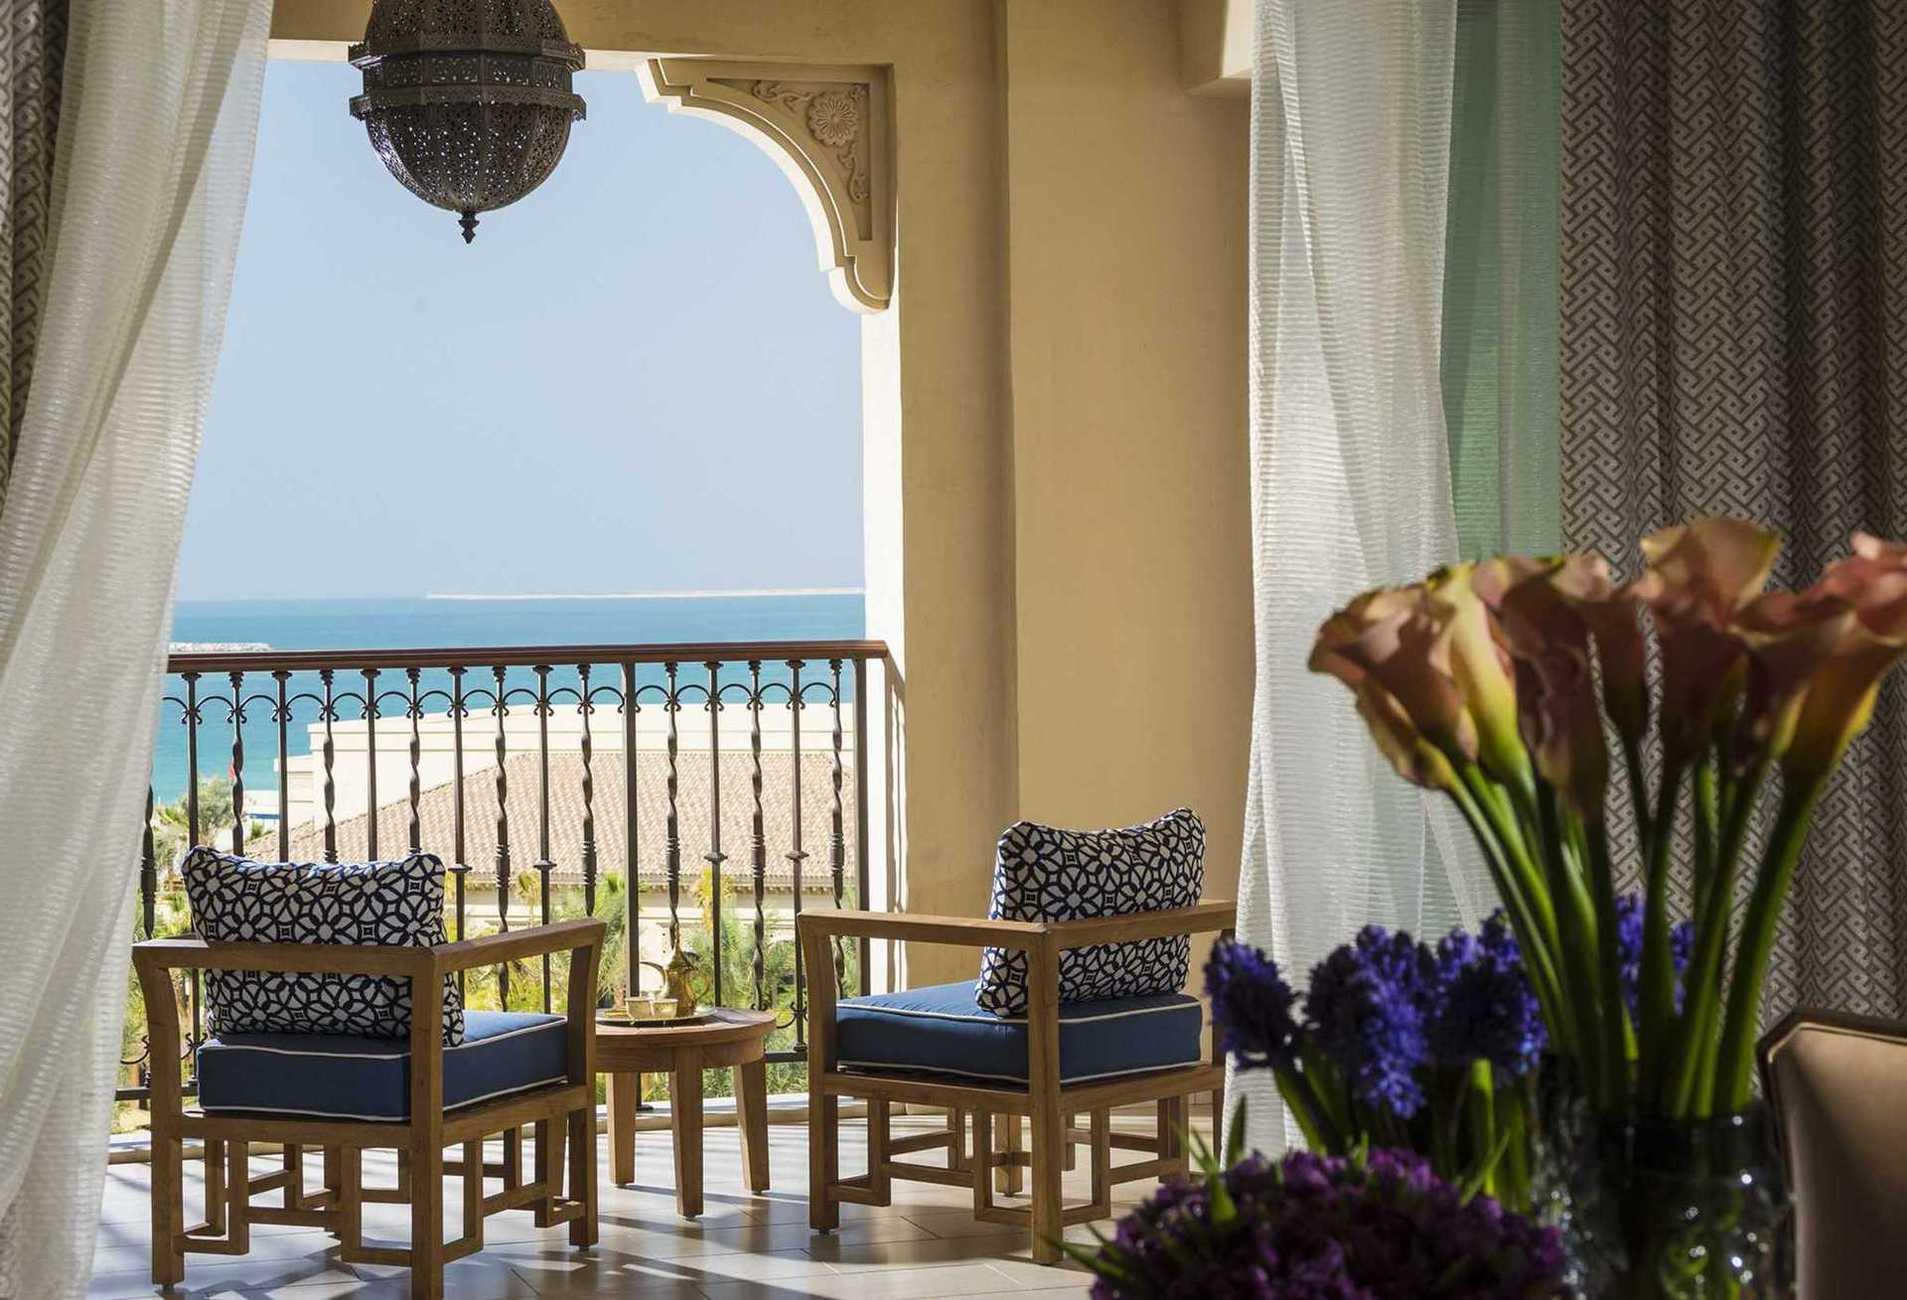 Номерний фонд готелю налічує 237 номерів (у тому числі 49 люксів). Це одні з найбільш просторих номерів в Дубаї. З одного боку з них відкривається вид на Перську затоку, а з іншого - на вражаючу панораму міста, якої не може похвалитися жоден інший готель Дубая.